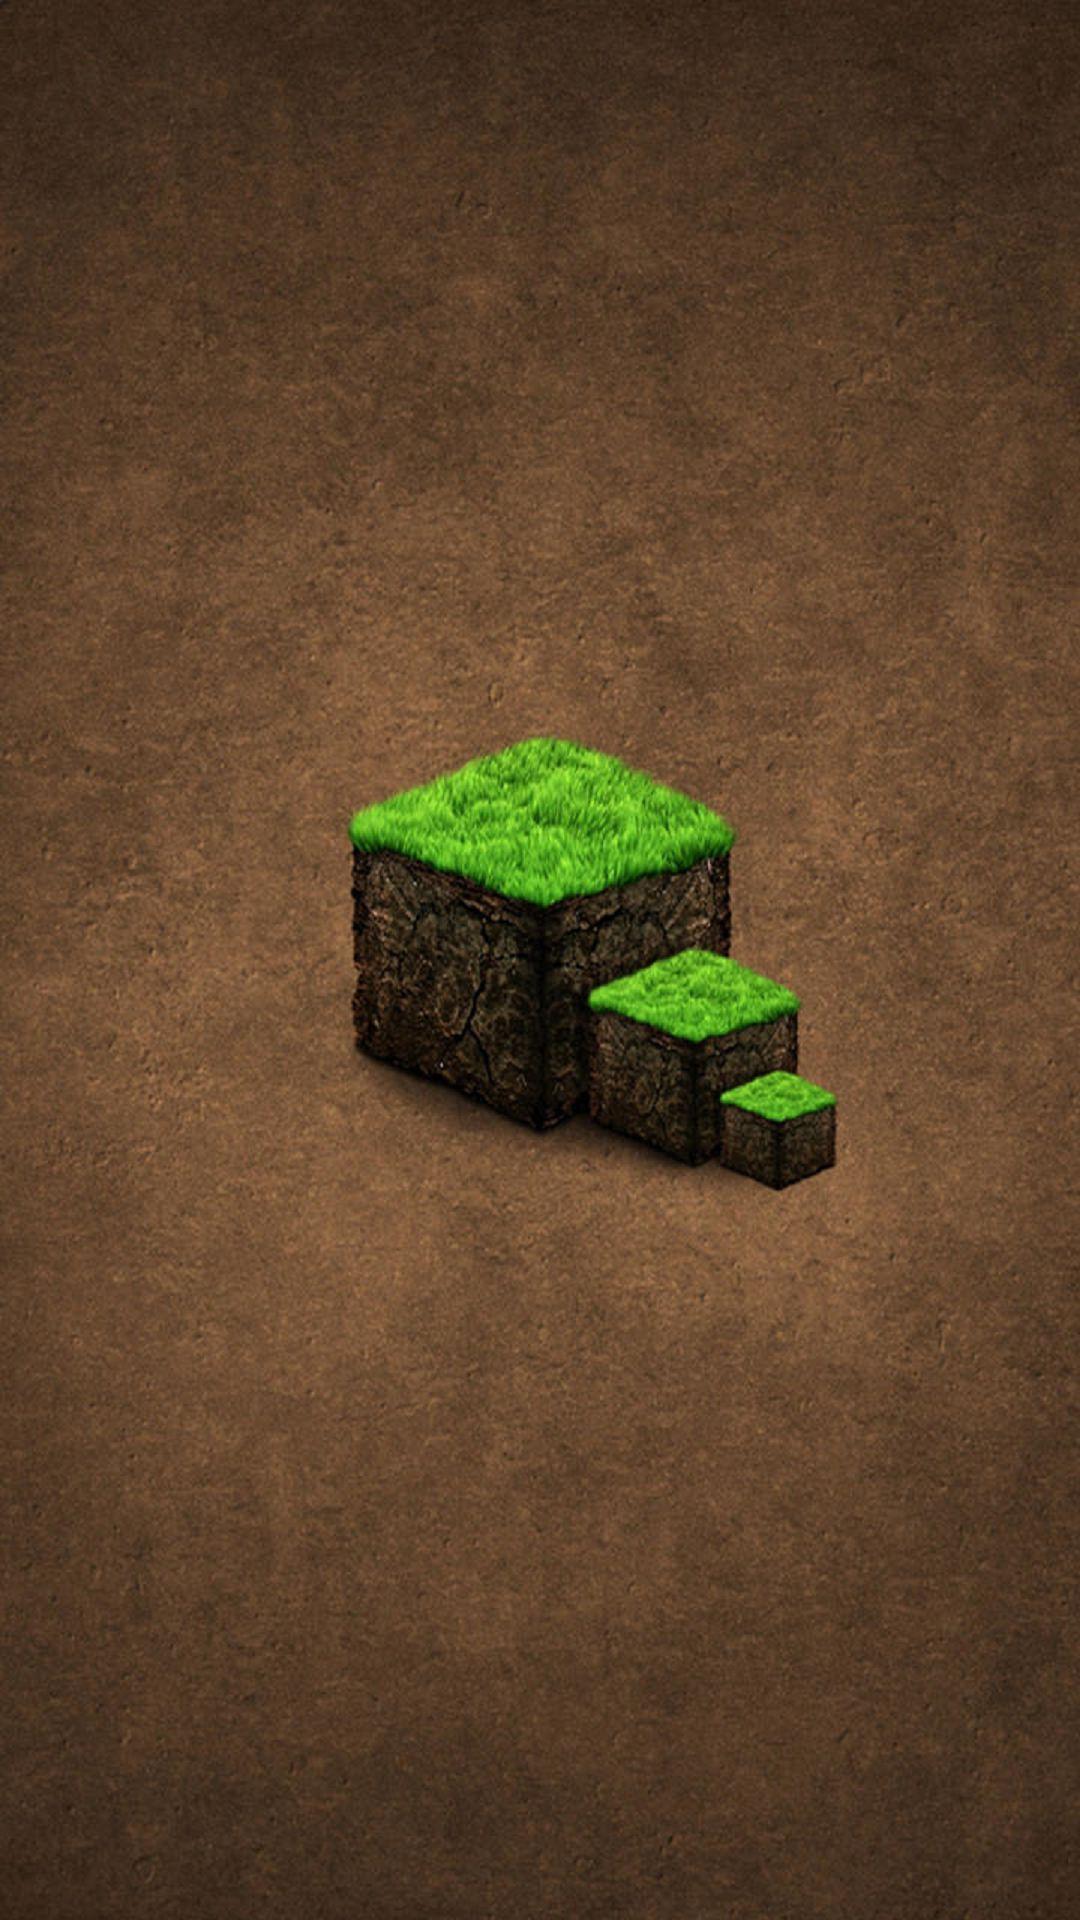 Green Grass Cube Steps